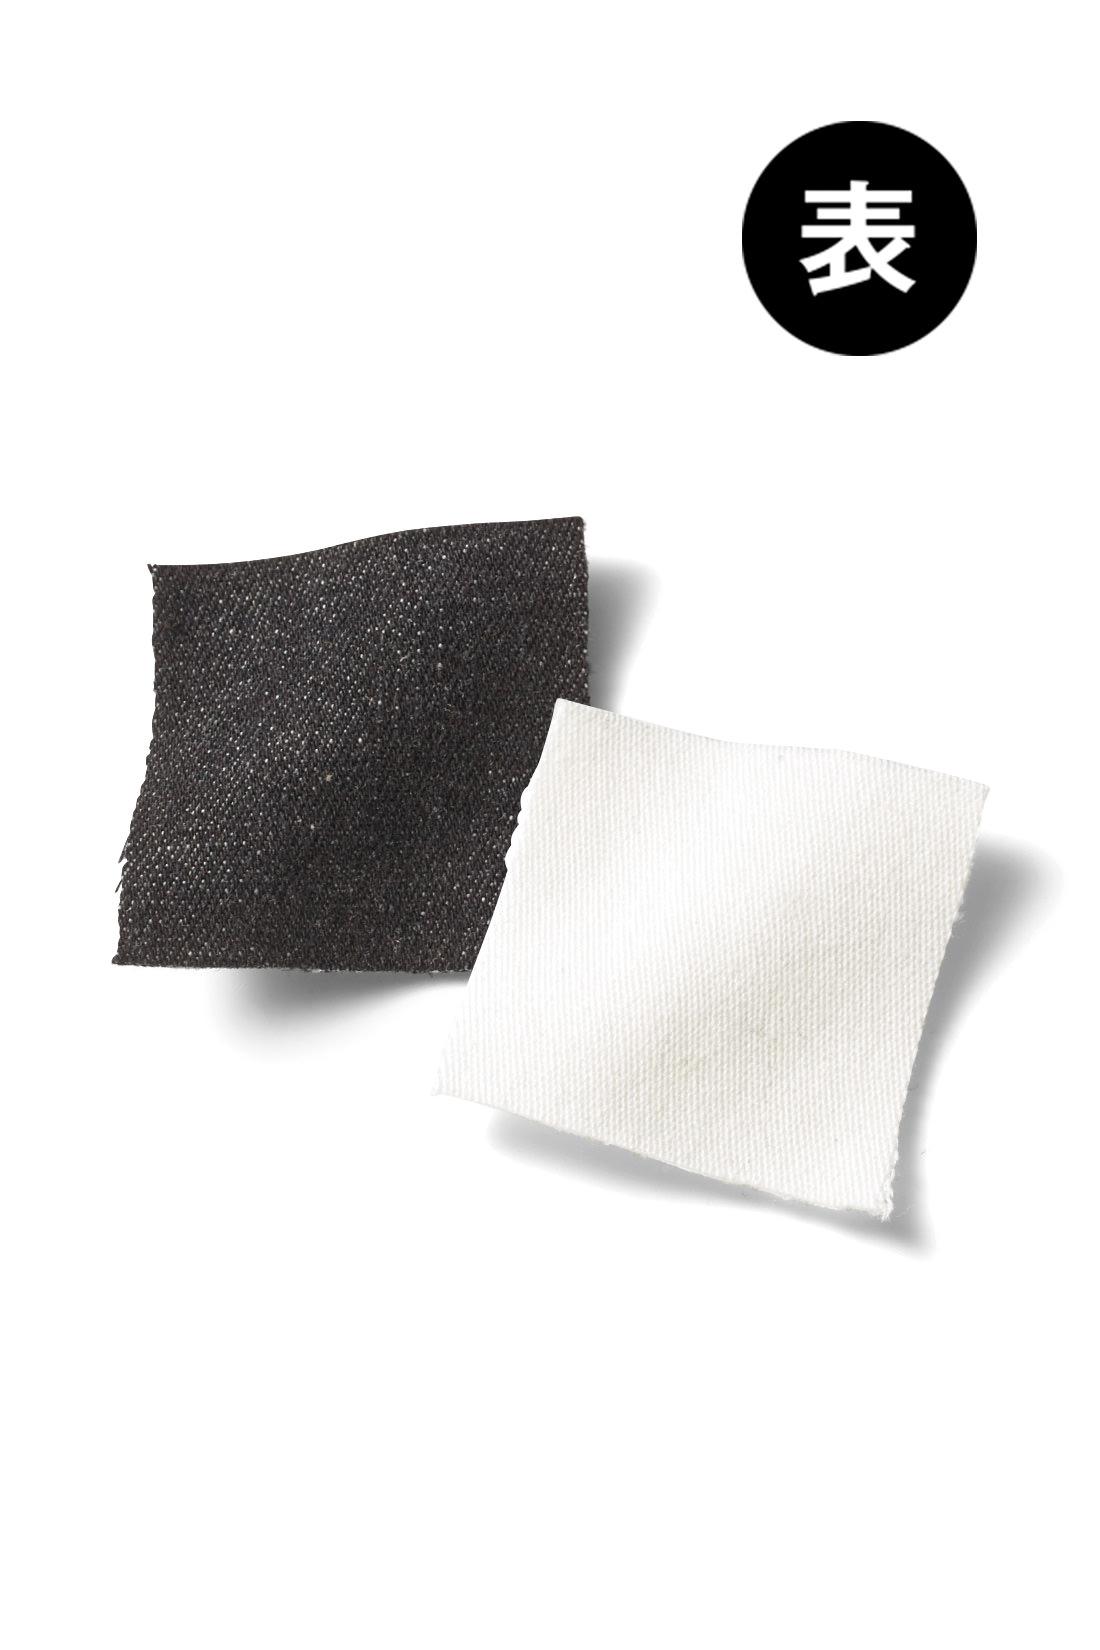 きれい見せのひみつはボンディング加工 裏ベロアに張り合わせた表地は、リジットライクなブラックデニム素材とオフホワイトのきれいめツイル素材の2タイプ。あったかパンツに見えない、スタイリッシュさが大人の女性にうれしいポイント。